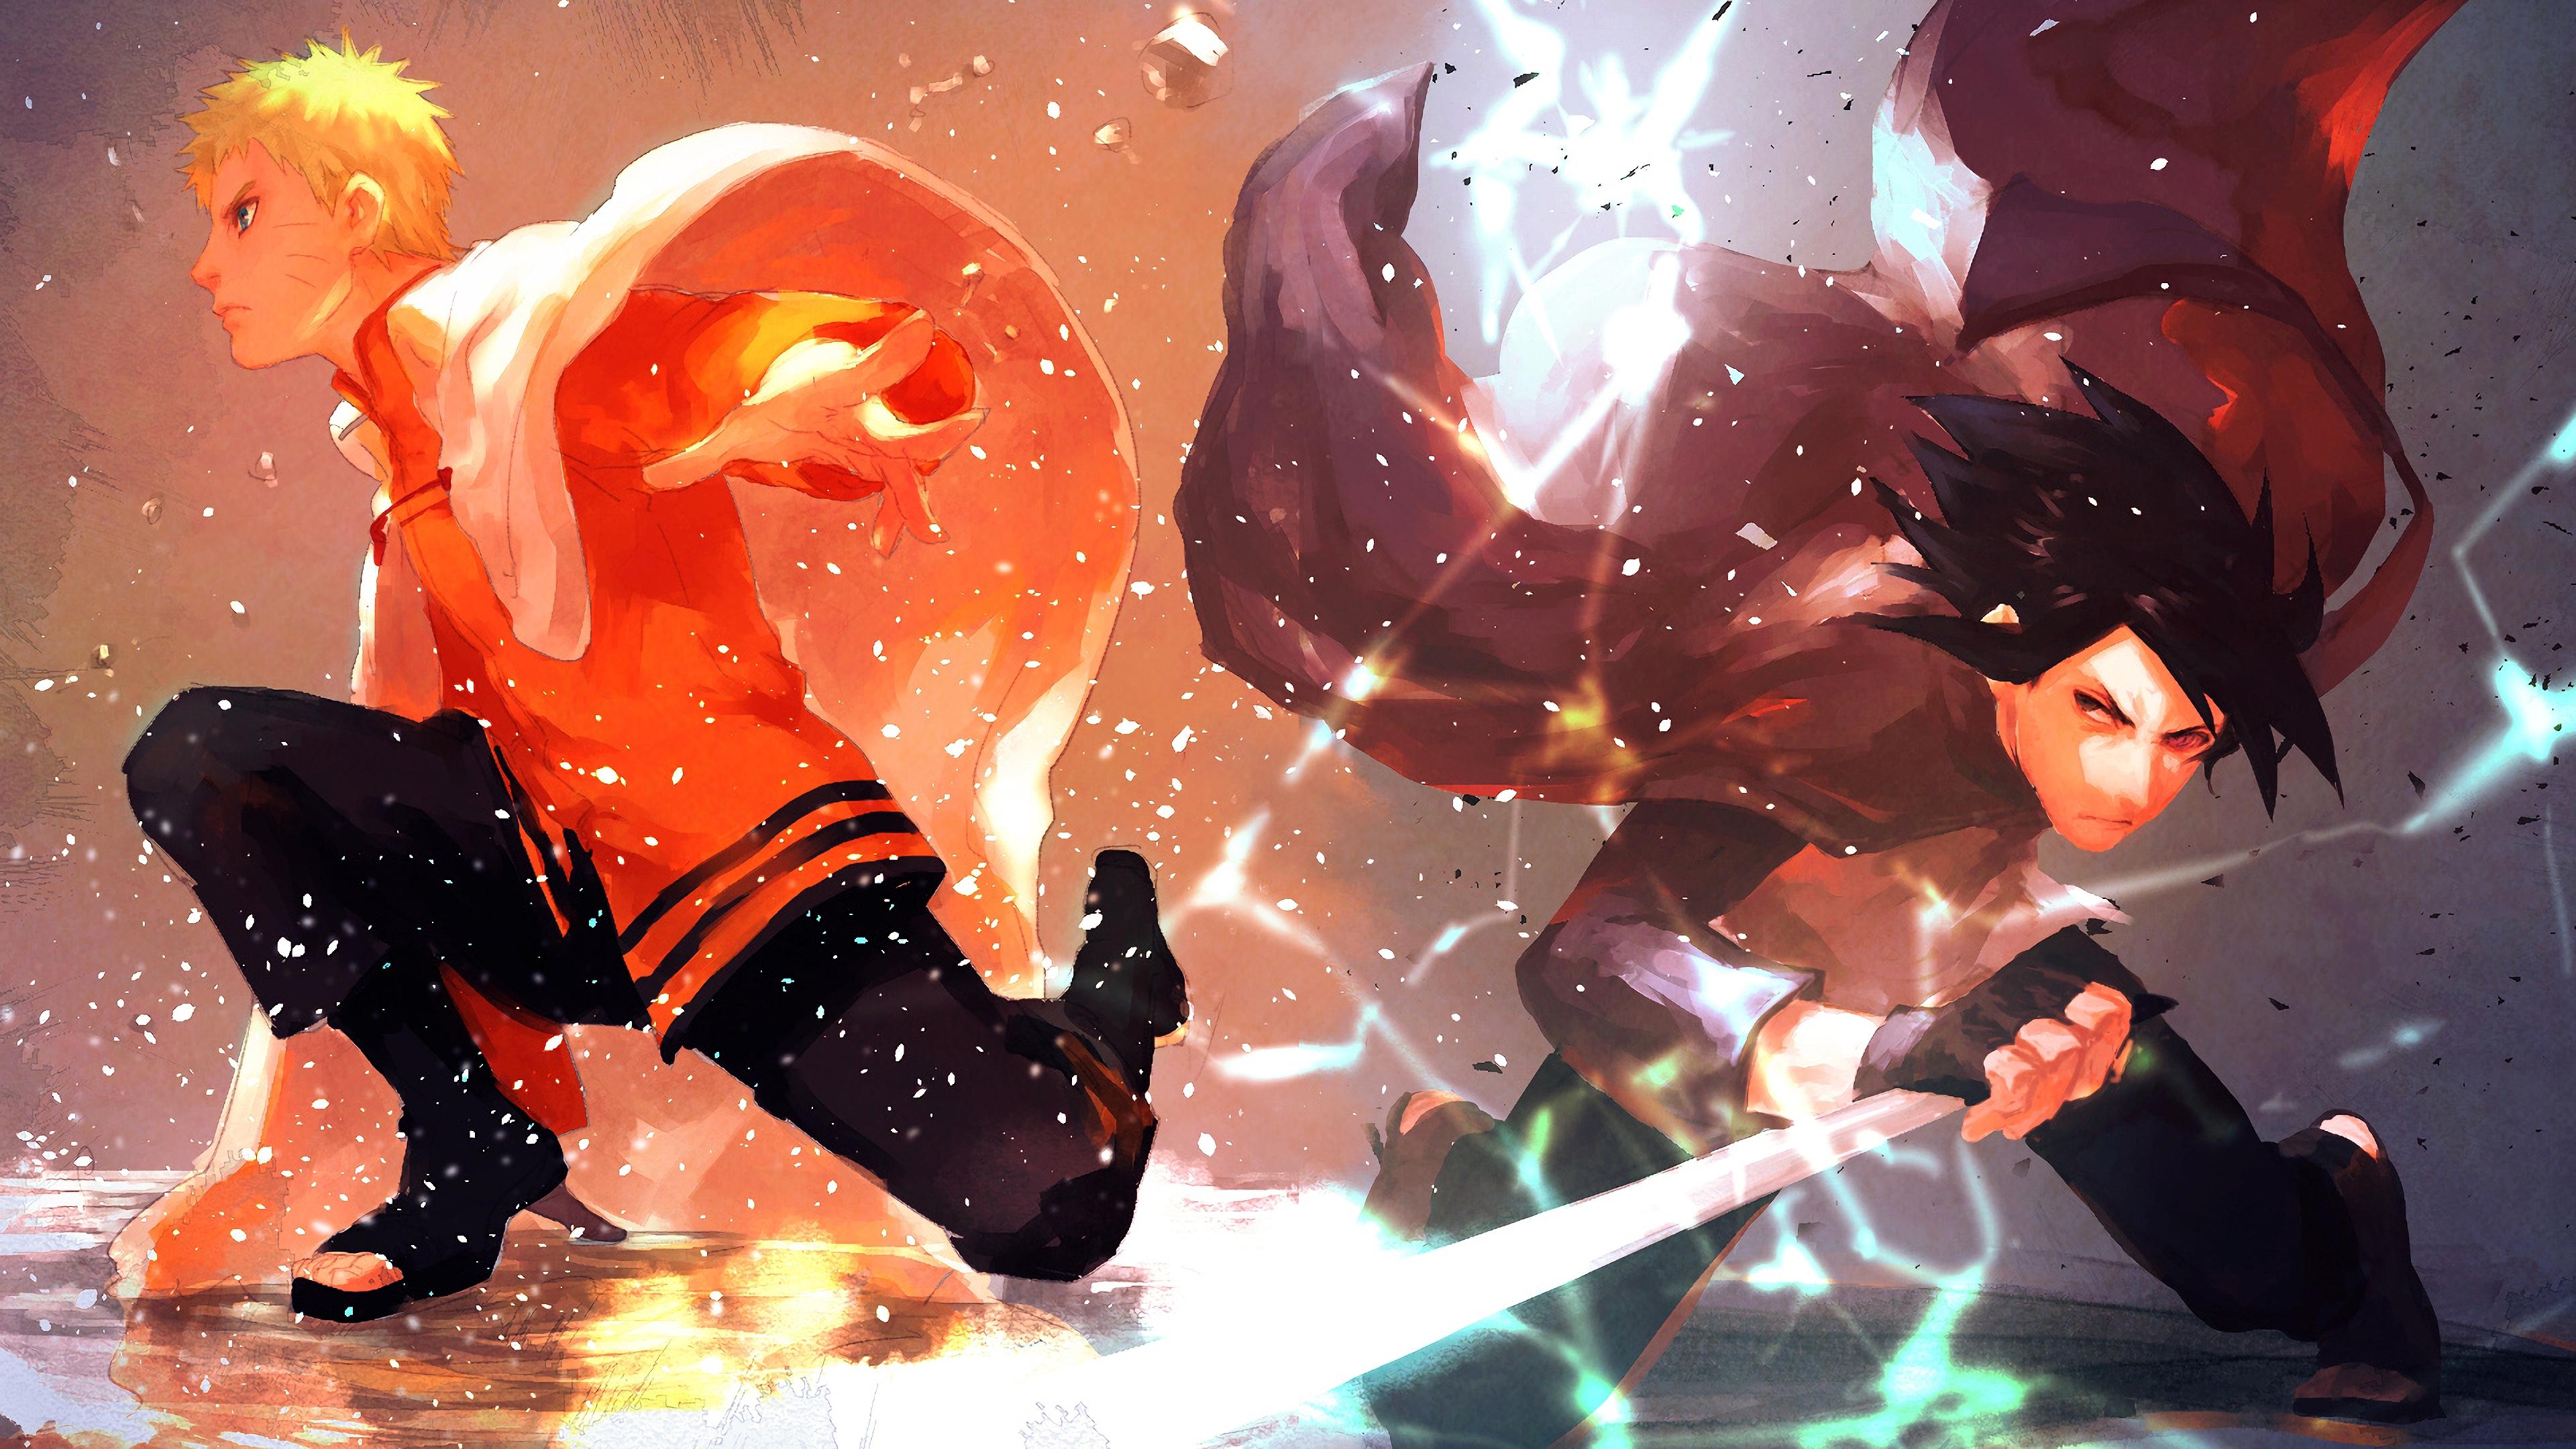 Naruto Sasuke Wallpaper Naruto And Sasuke Wallpaper 4k 3840x2160 Download Hd Wallpaper Wallpapertip